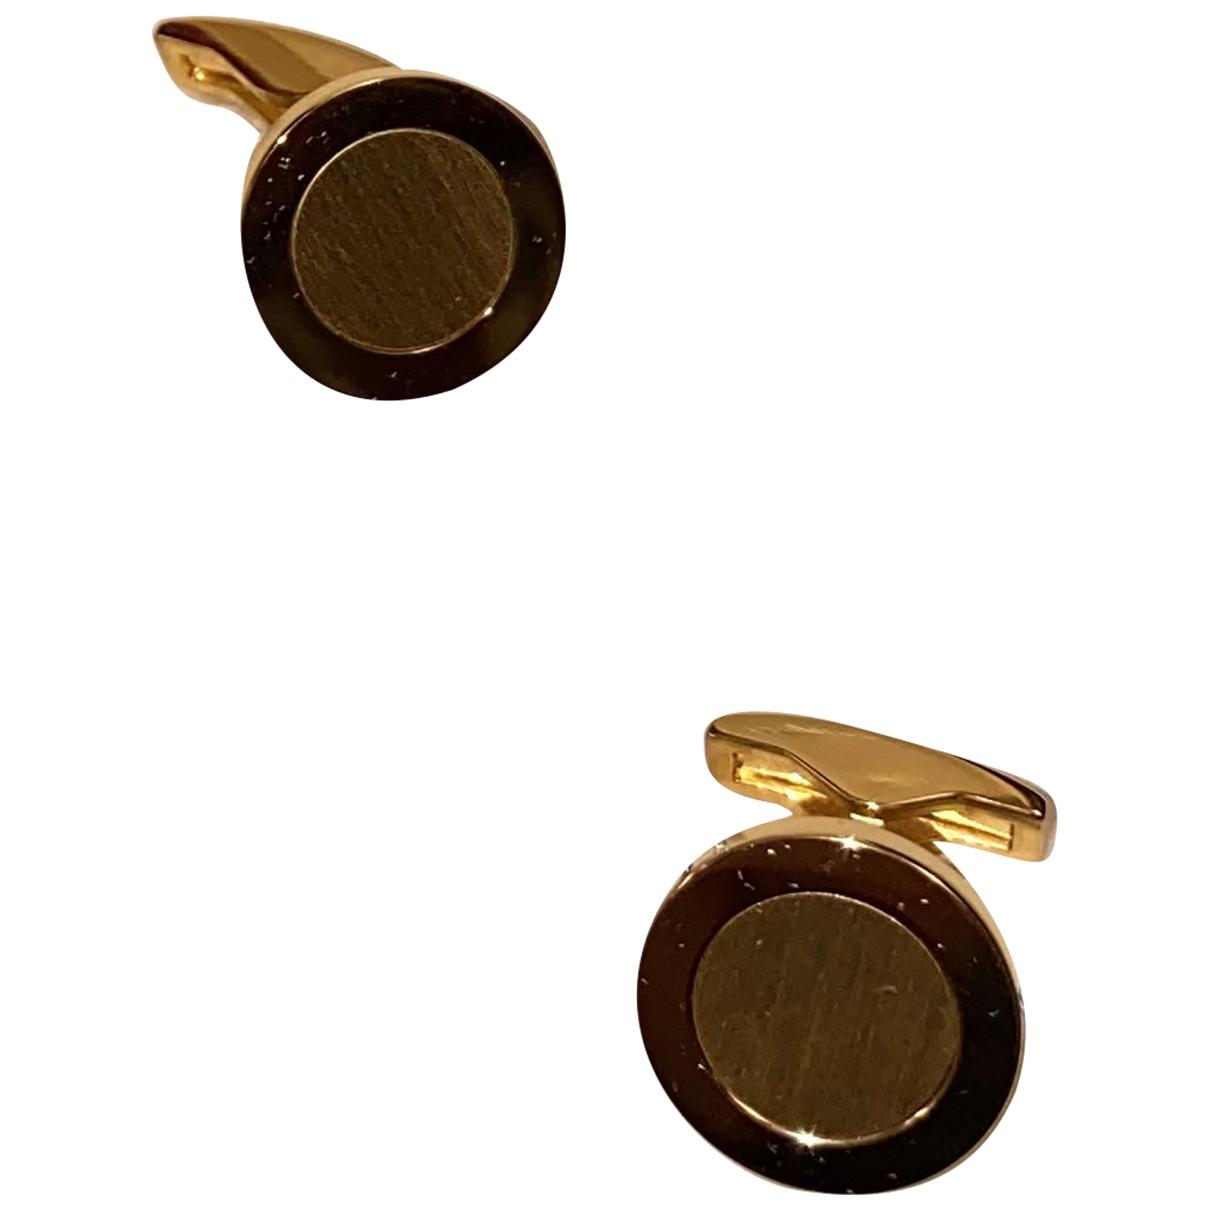 S.t. Dupont \N Manschettenknopfe in  Gold Gold und Stahl